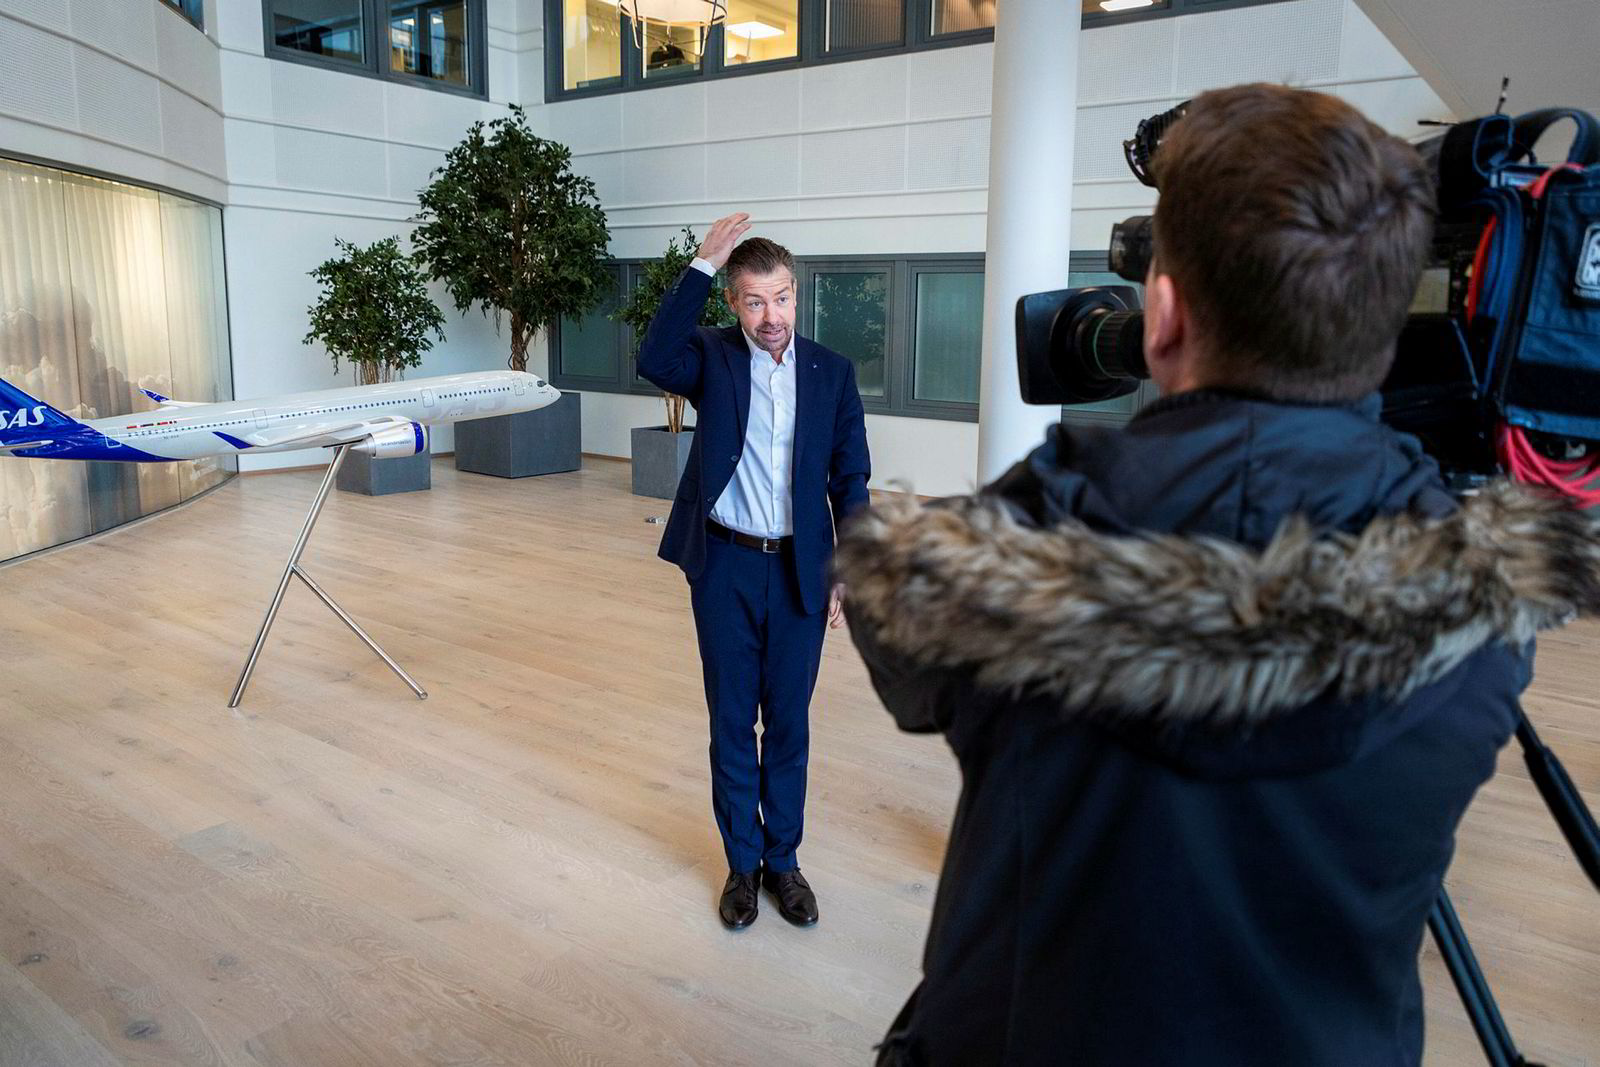 Pressesjef John Eckhoff i SAS er ganske fersk i jobben, og ble kastet raskt inn i krisen. Her intervjues han på trygg avstand.